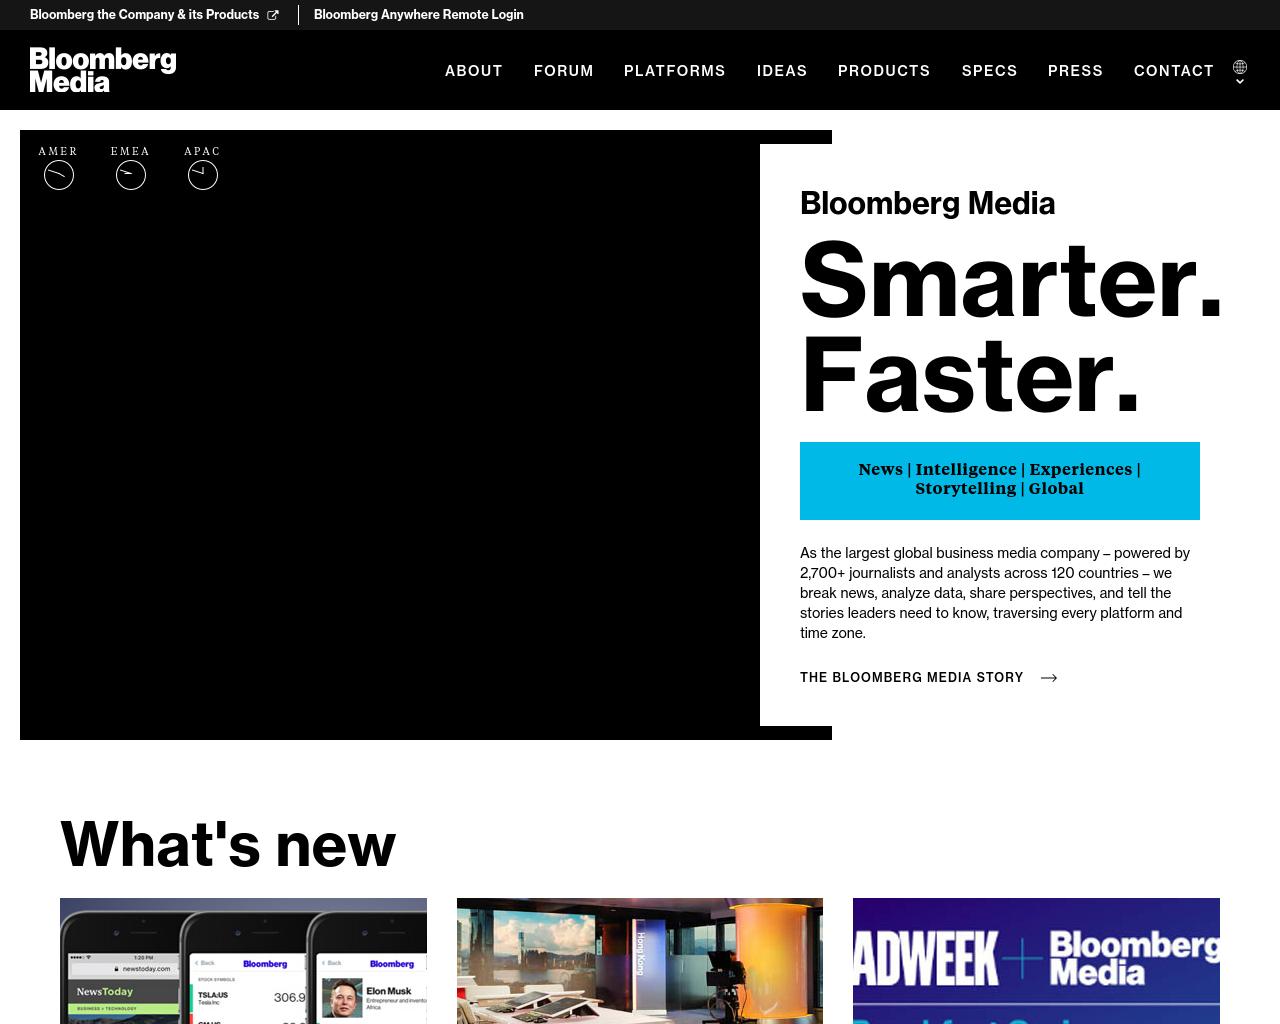 Bloomberg-Media-/-Businessweek-Advertising-Reviews-Pricing